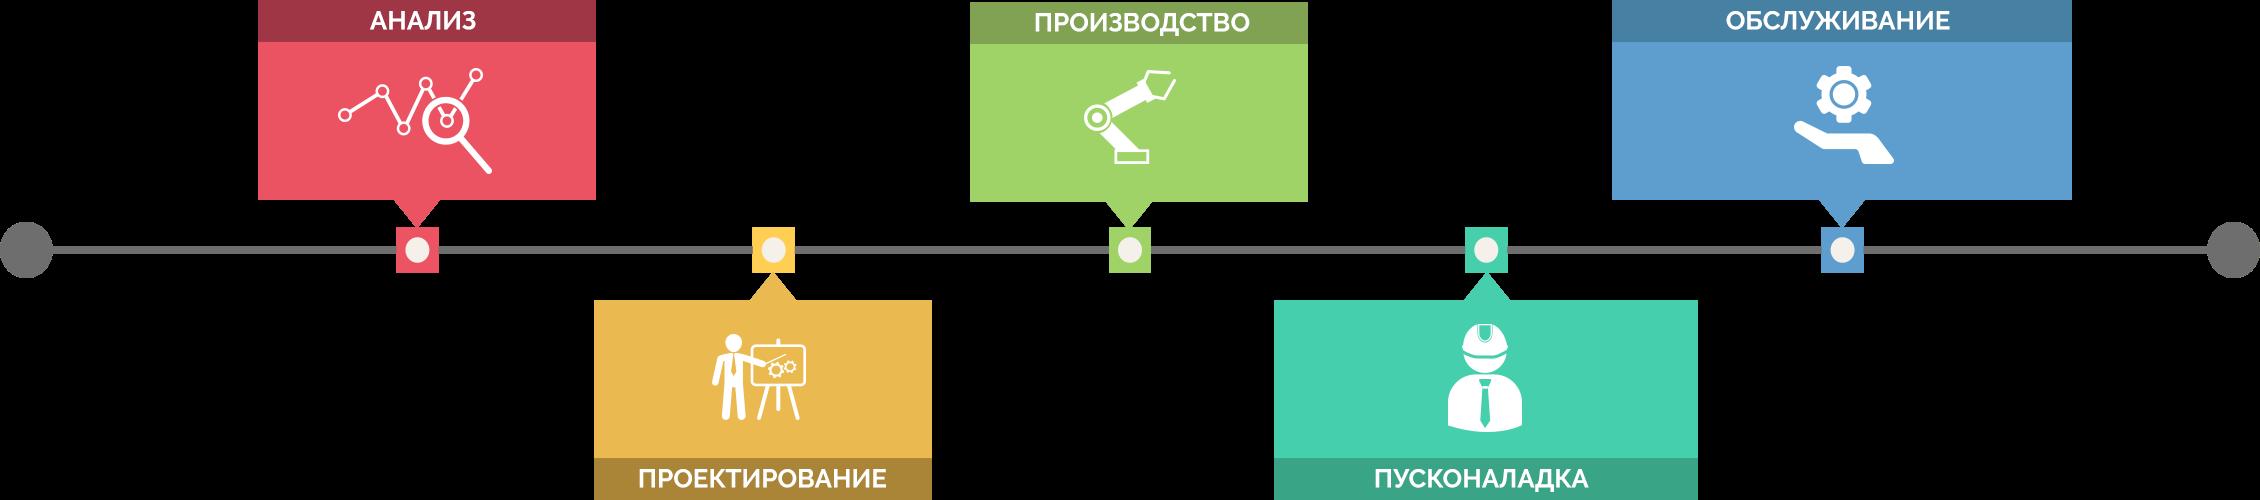 Arionex процесс